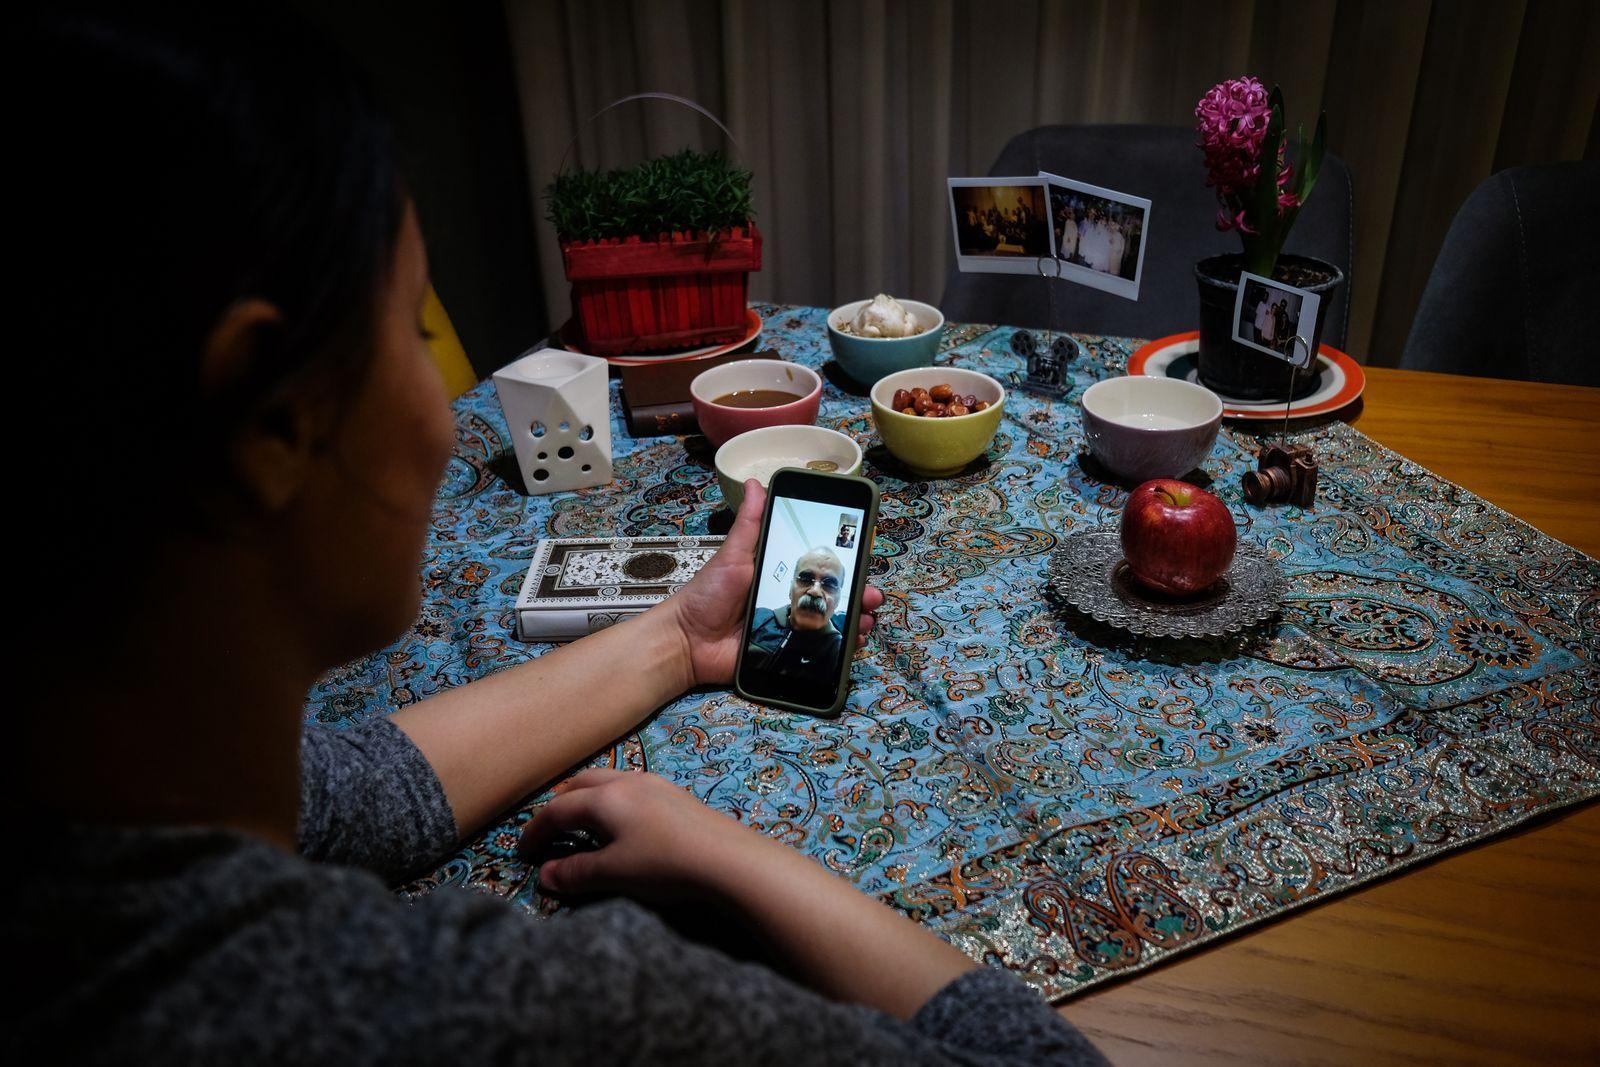 Yasaman, The Photographer